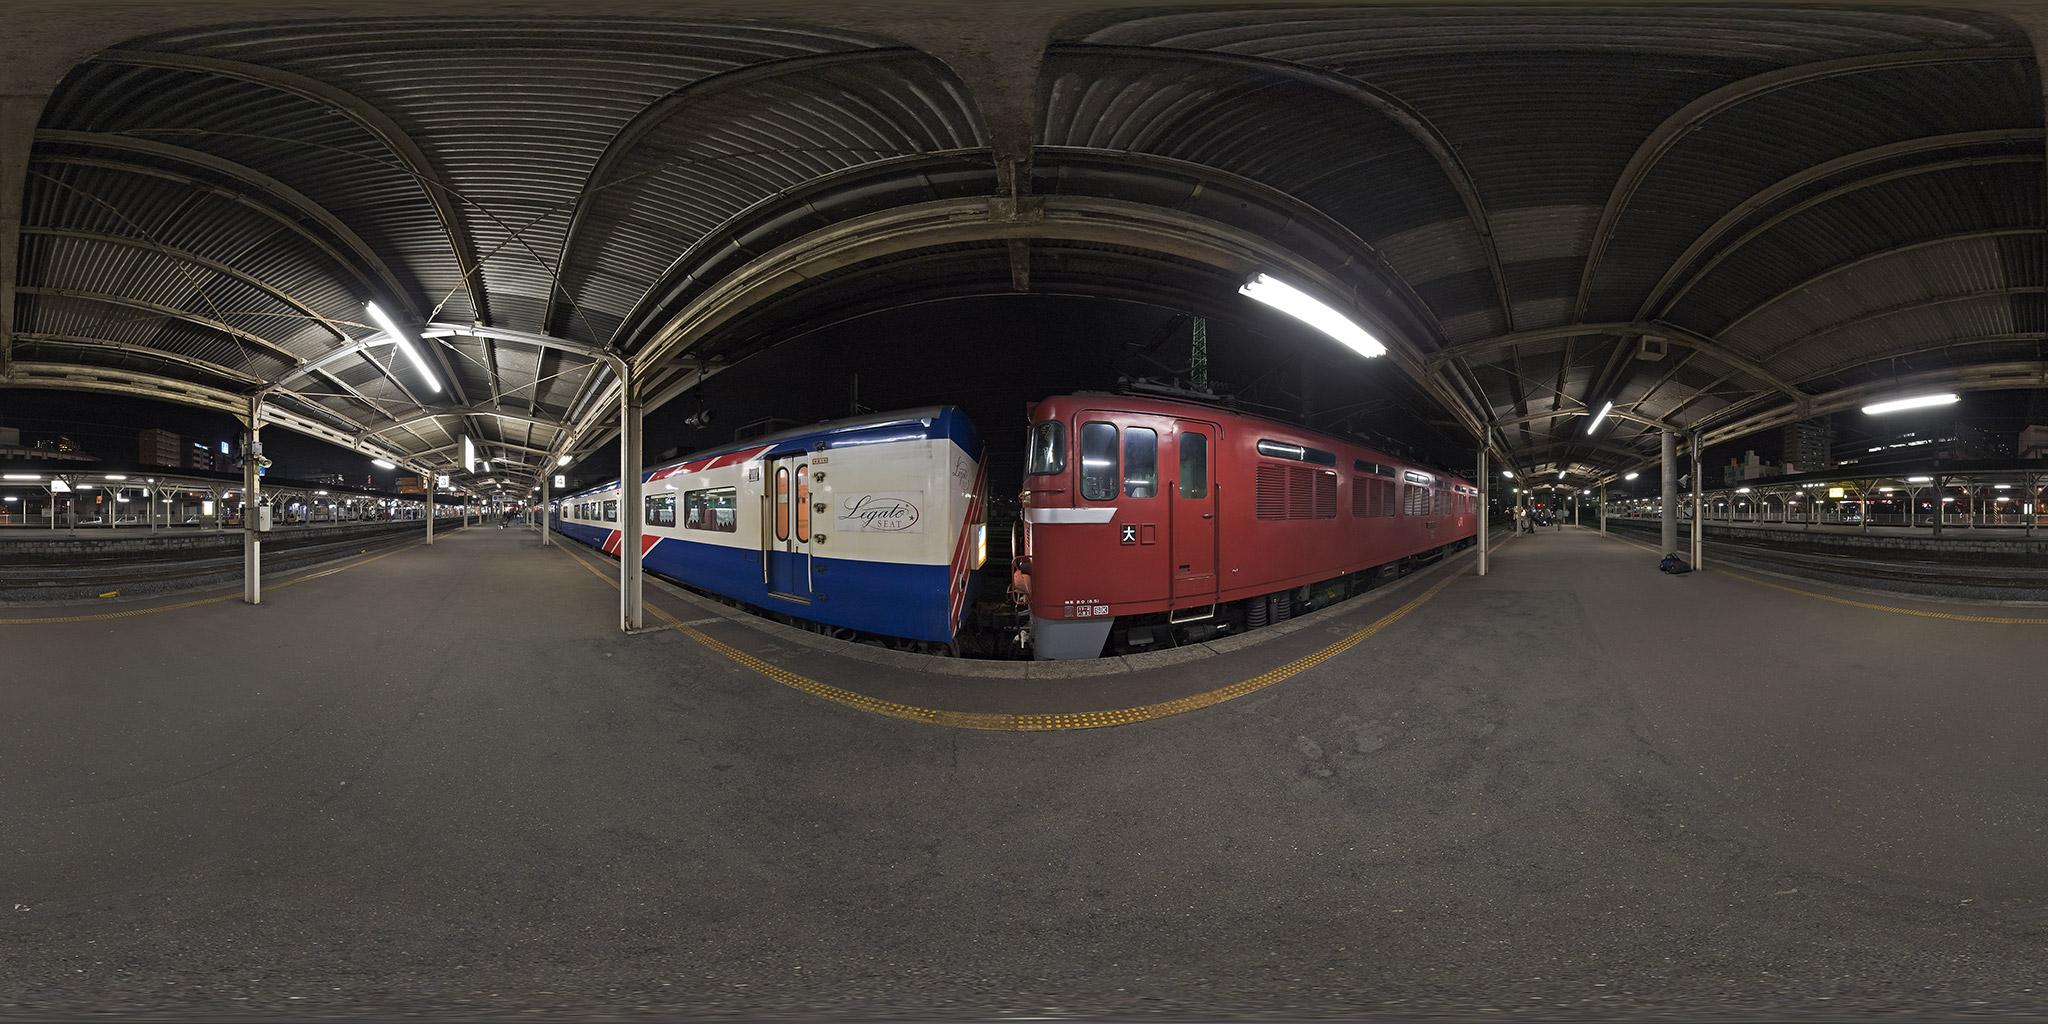 長崎駅に入線した寝台特急「あかつき」